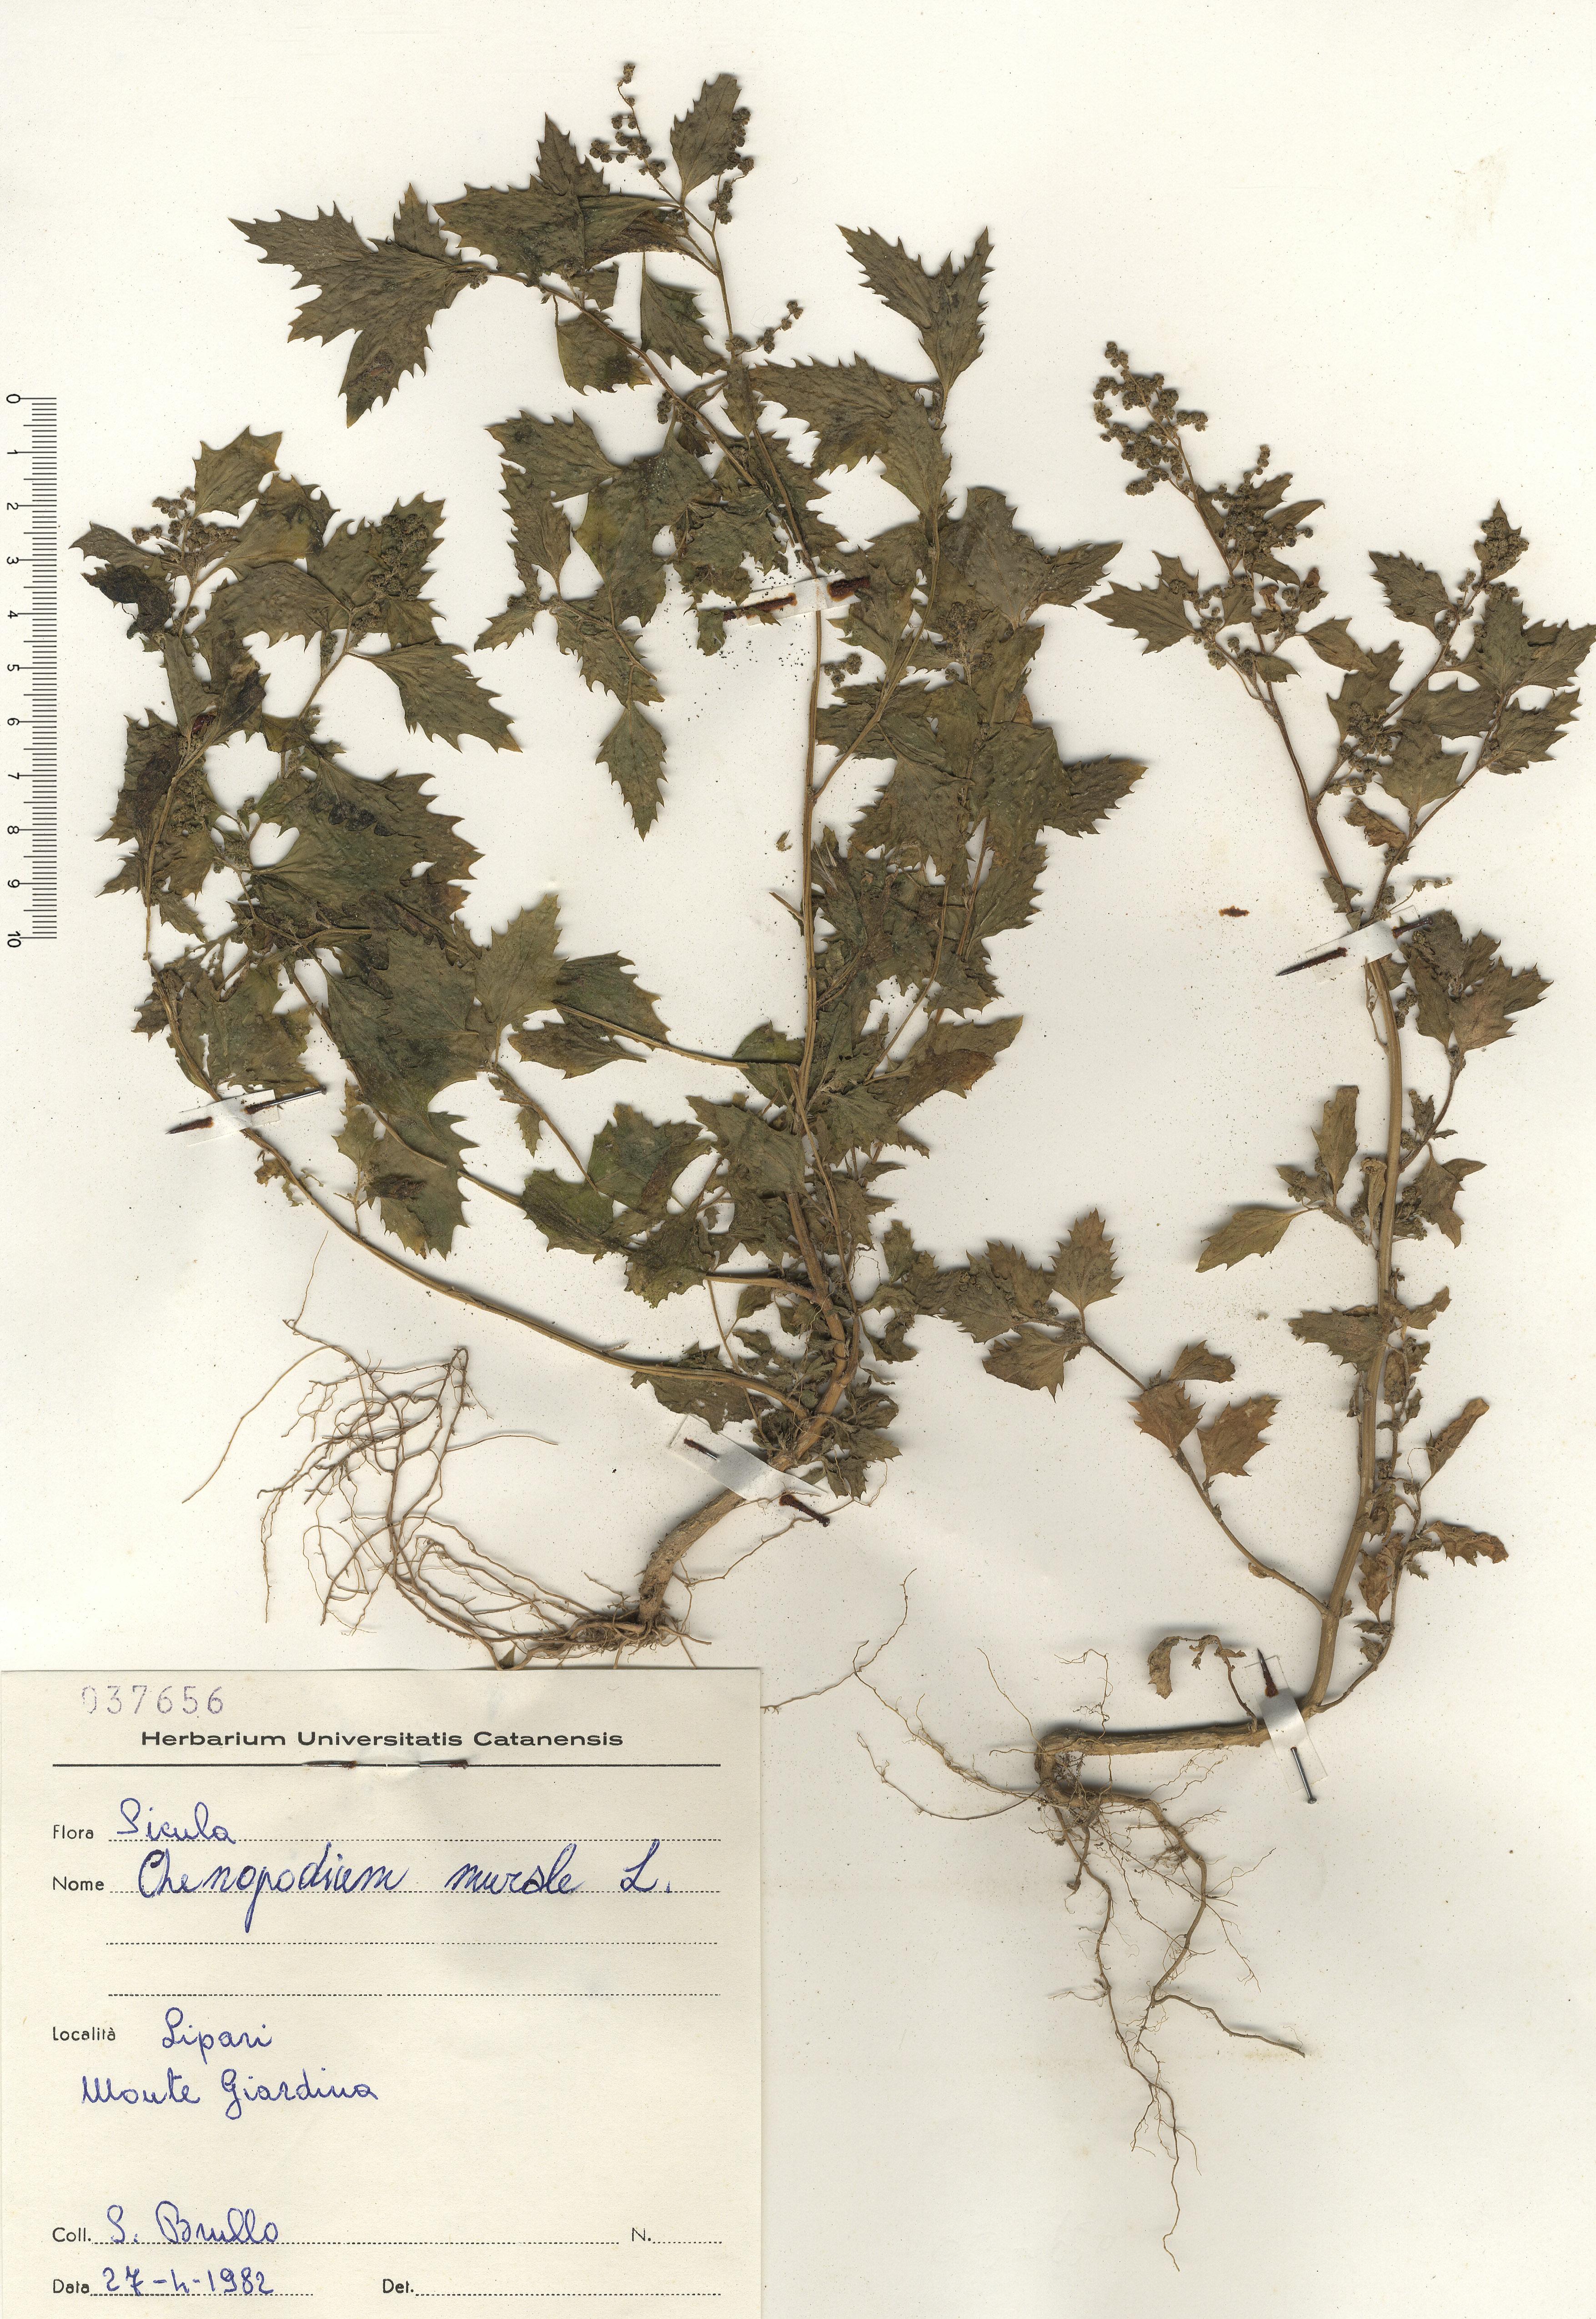 © Hortus Botanicus Catinensis - Herb. sheet 037656<br>